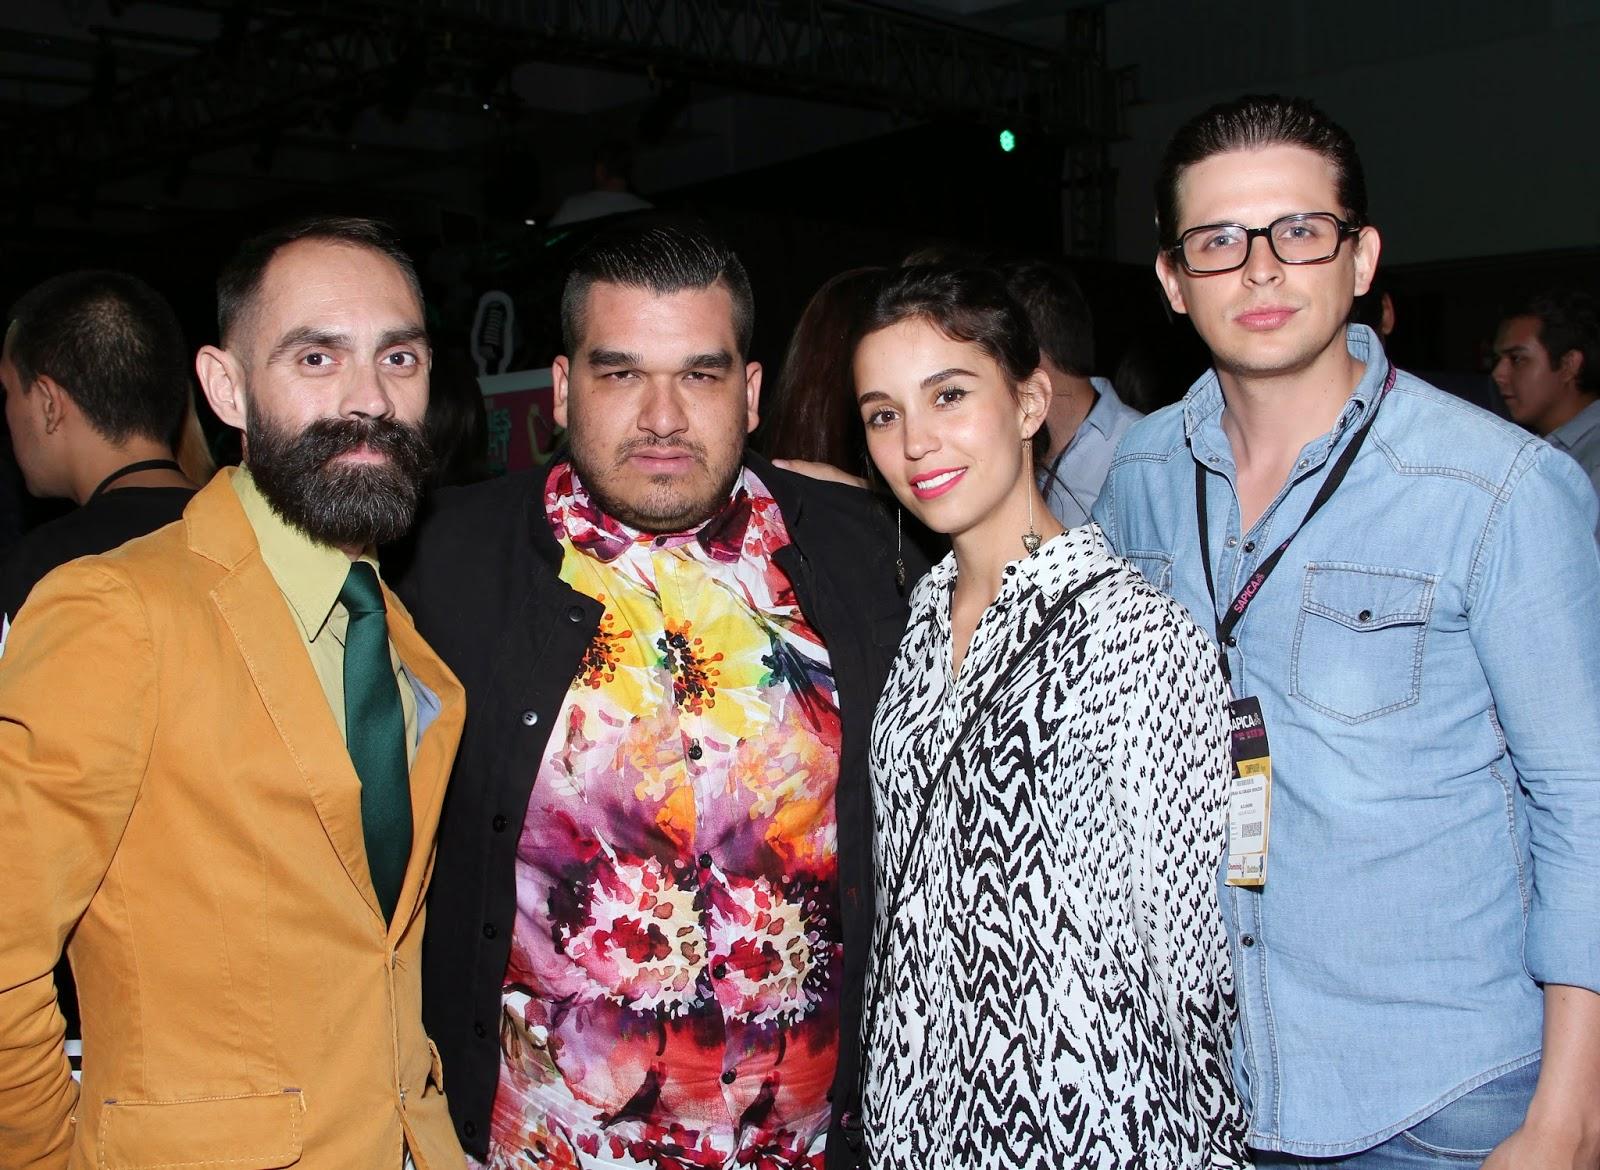 Diseñadores nacionales, calzado mexicano, stuka, sapica marzo 2014, fashion avenue sapica, coctel, poliforum.